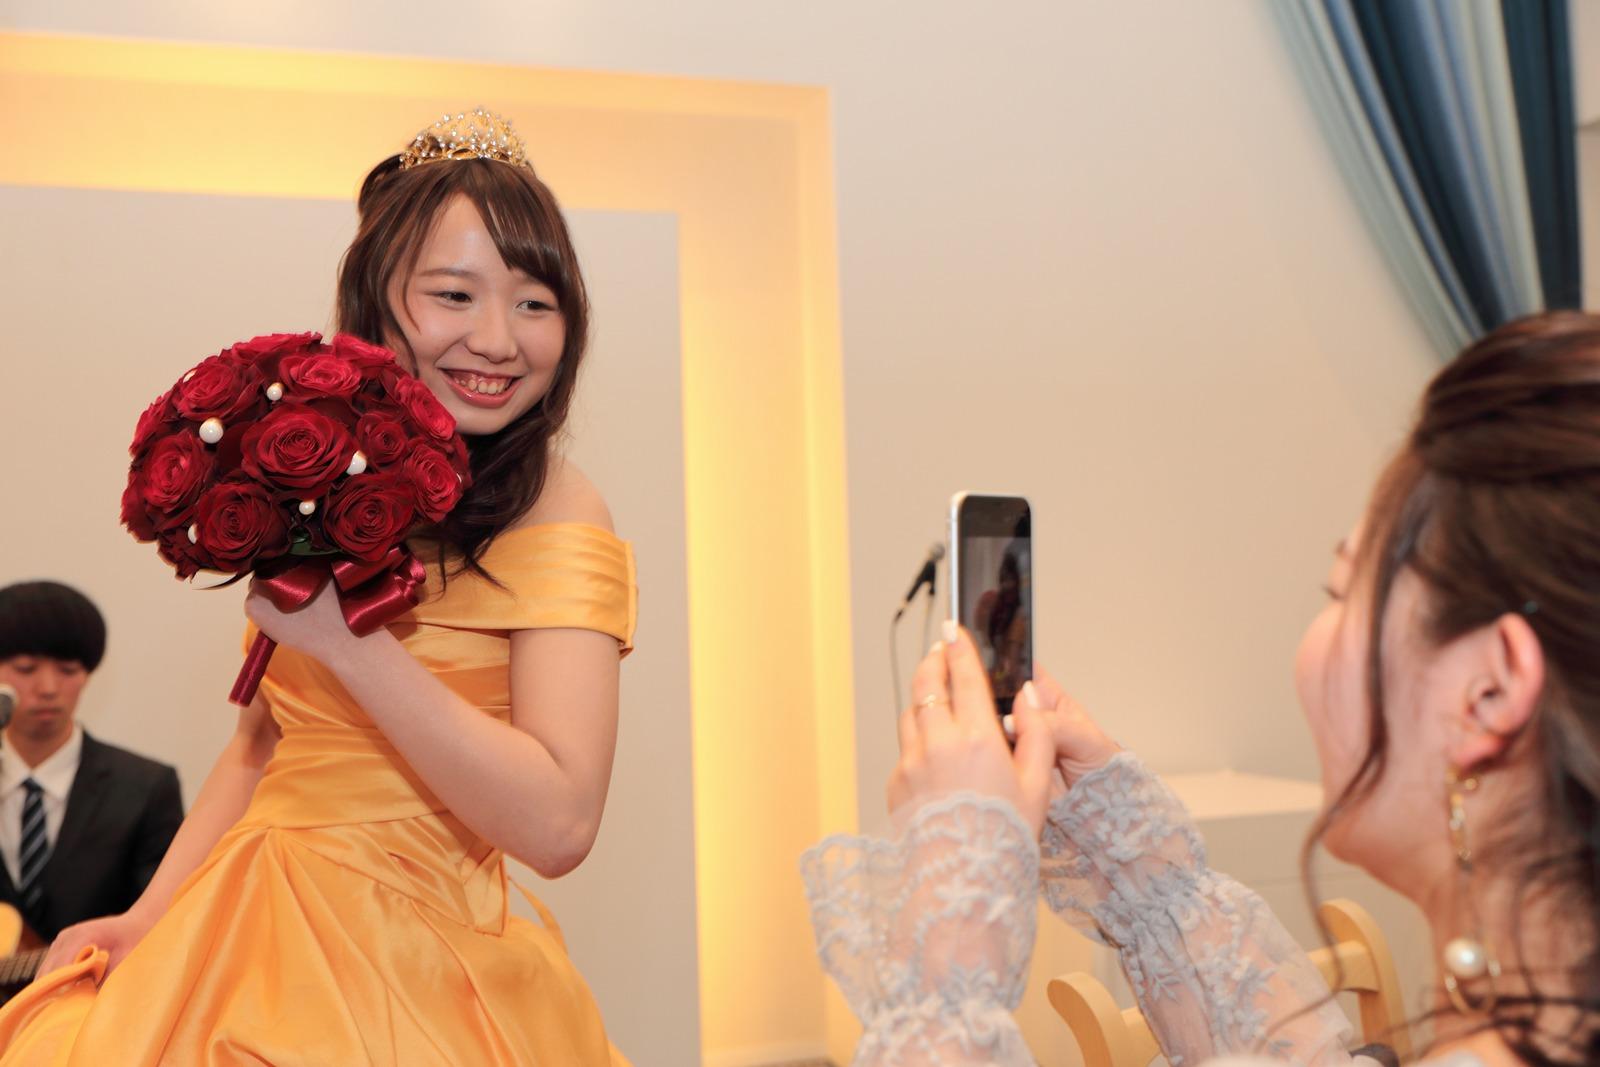 香川の結婚式場シェルエメール&アイスタイル フォトタイム